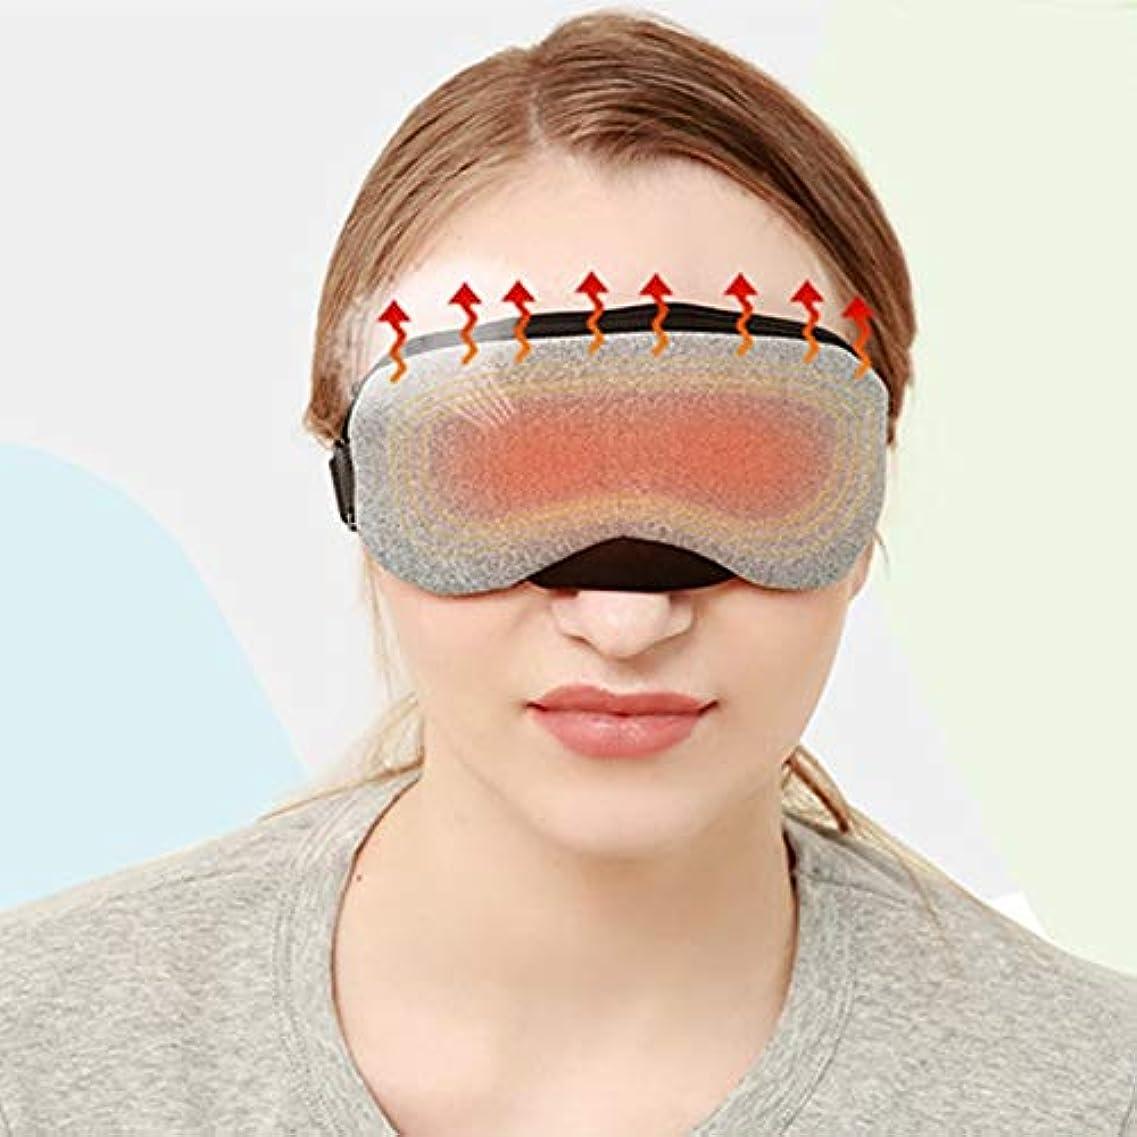 散髪法医学私たち自身注意温度制御ヒートスチームアイマスクコットンUSB効果的にアイマッサージャー調節可能なアイシェード疲れた救済USBホットパッド健康